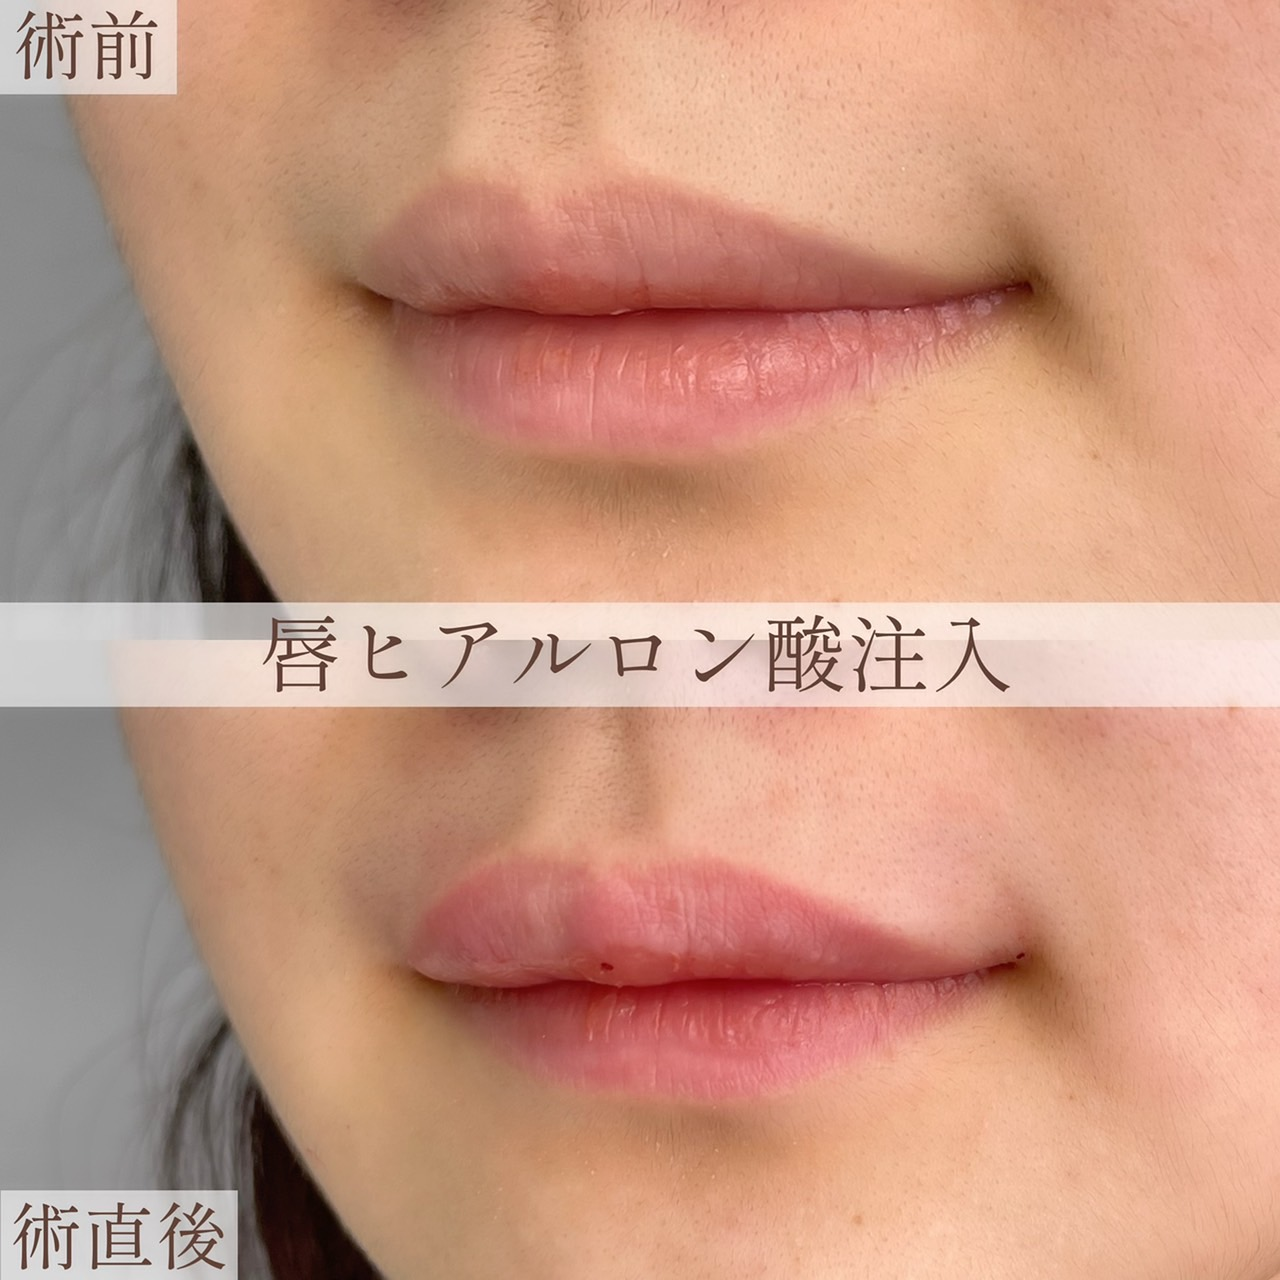 唇ヒアルロン酸注入の画像